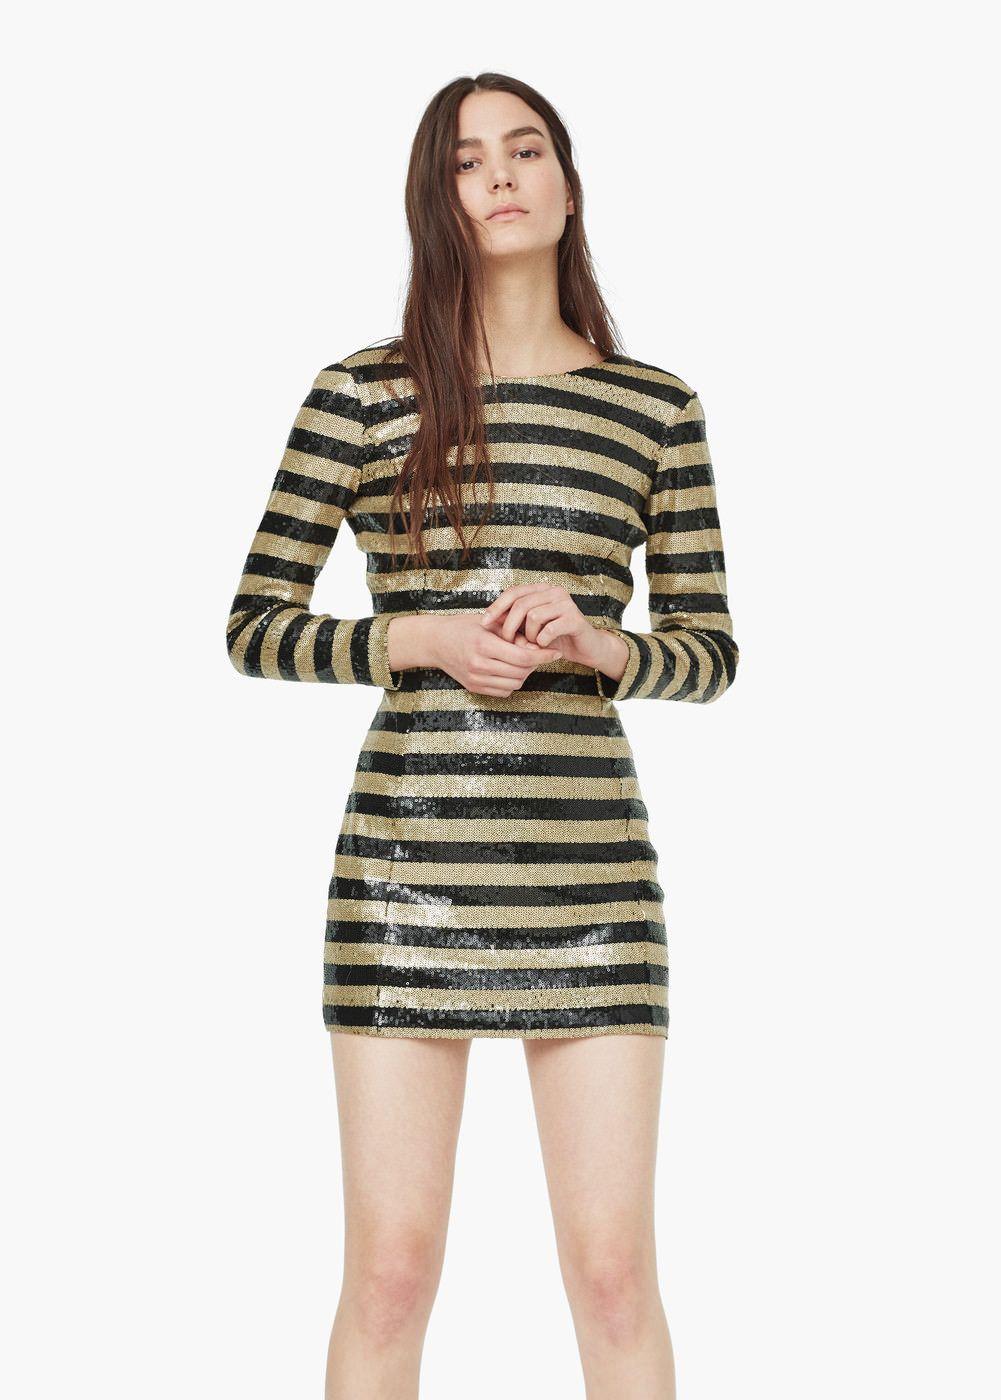 Sequin contrast-bodice dress   Bodice